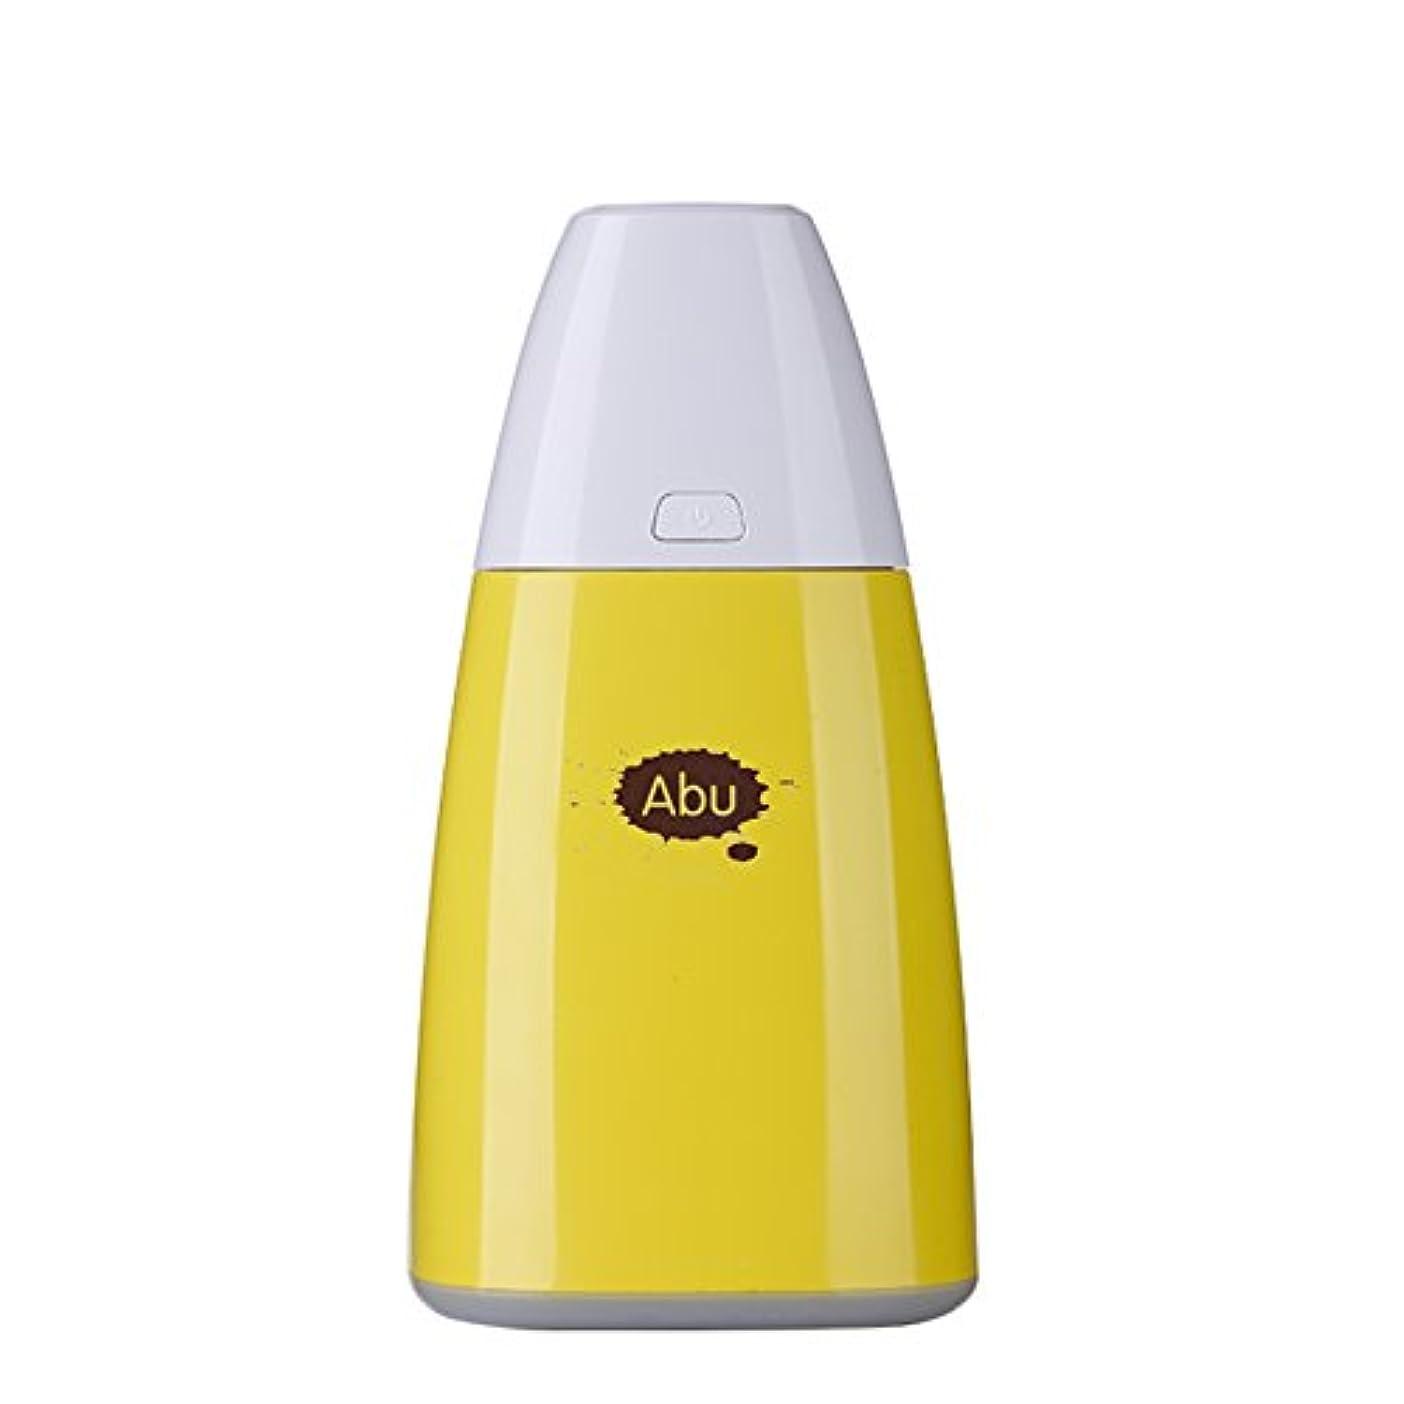 条件付き疎外コーンRakuby 250ml USBポータブル アロマ セラピーエッセンシャルオイル ディフューザー ミニ 超音波 クールミスト加湿器 カラフル LEDライト ホームオフィス 寝室用